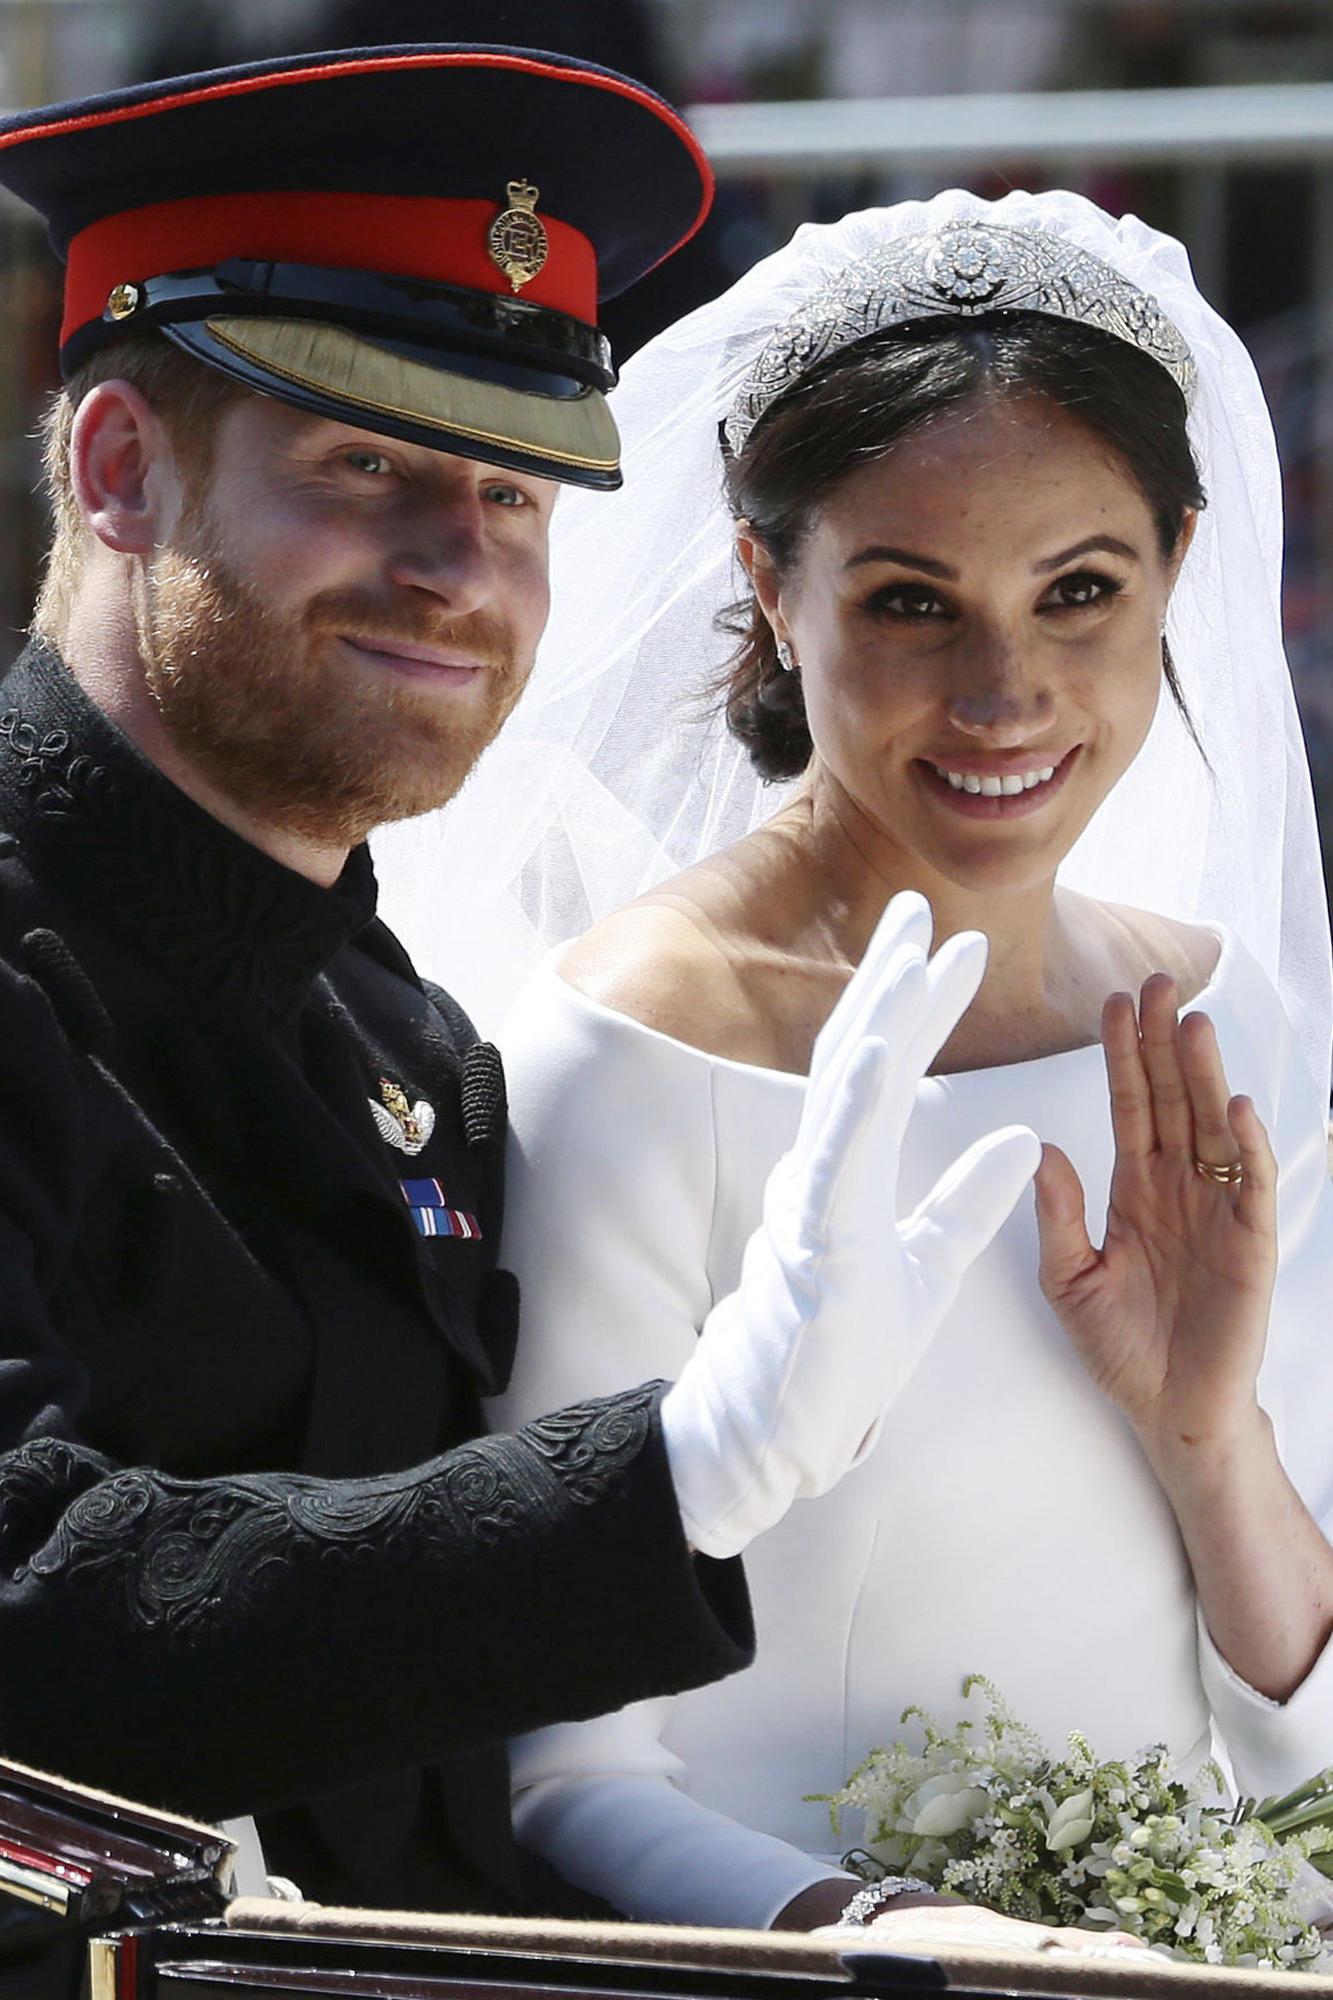 Meghan Und Harry Mussen Hochzeitsgeschenke Zuruckgeben